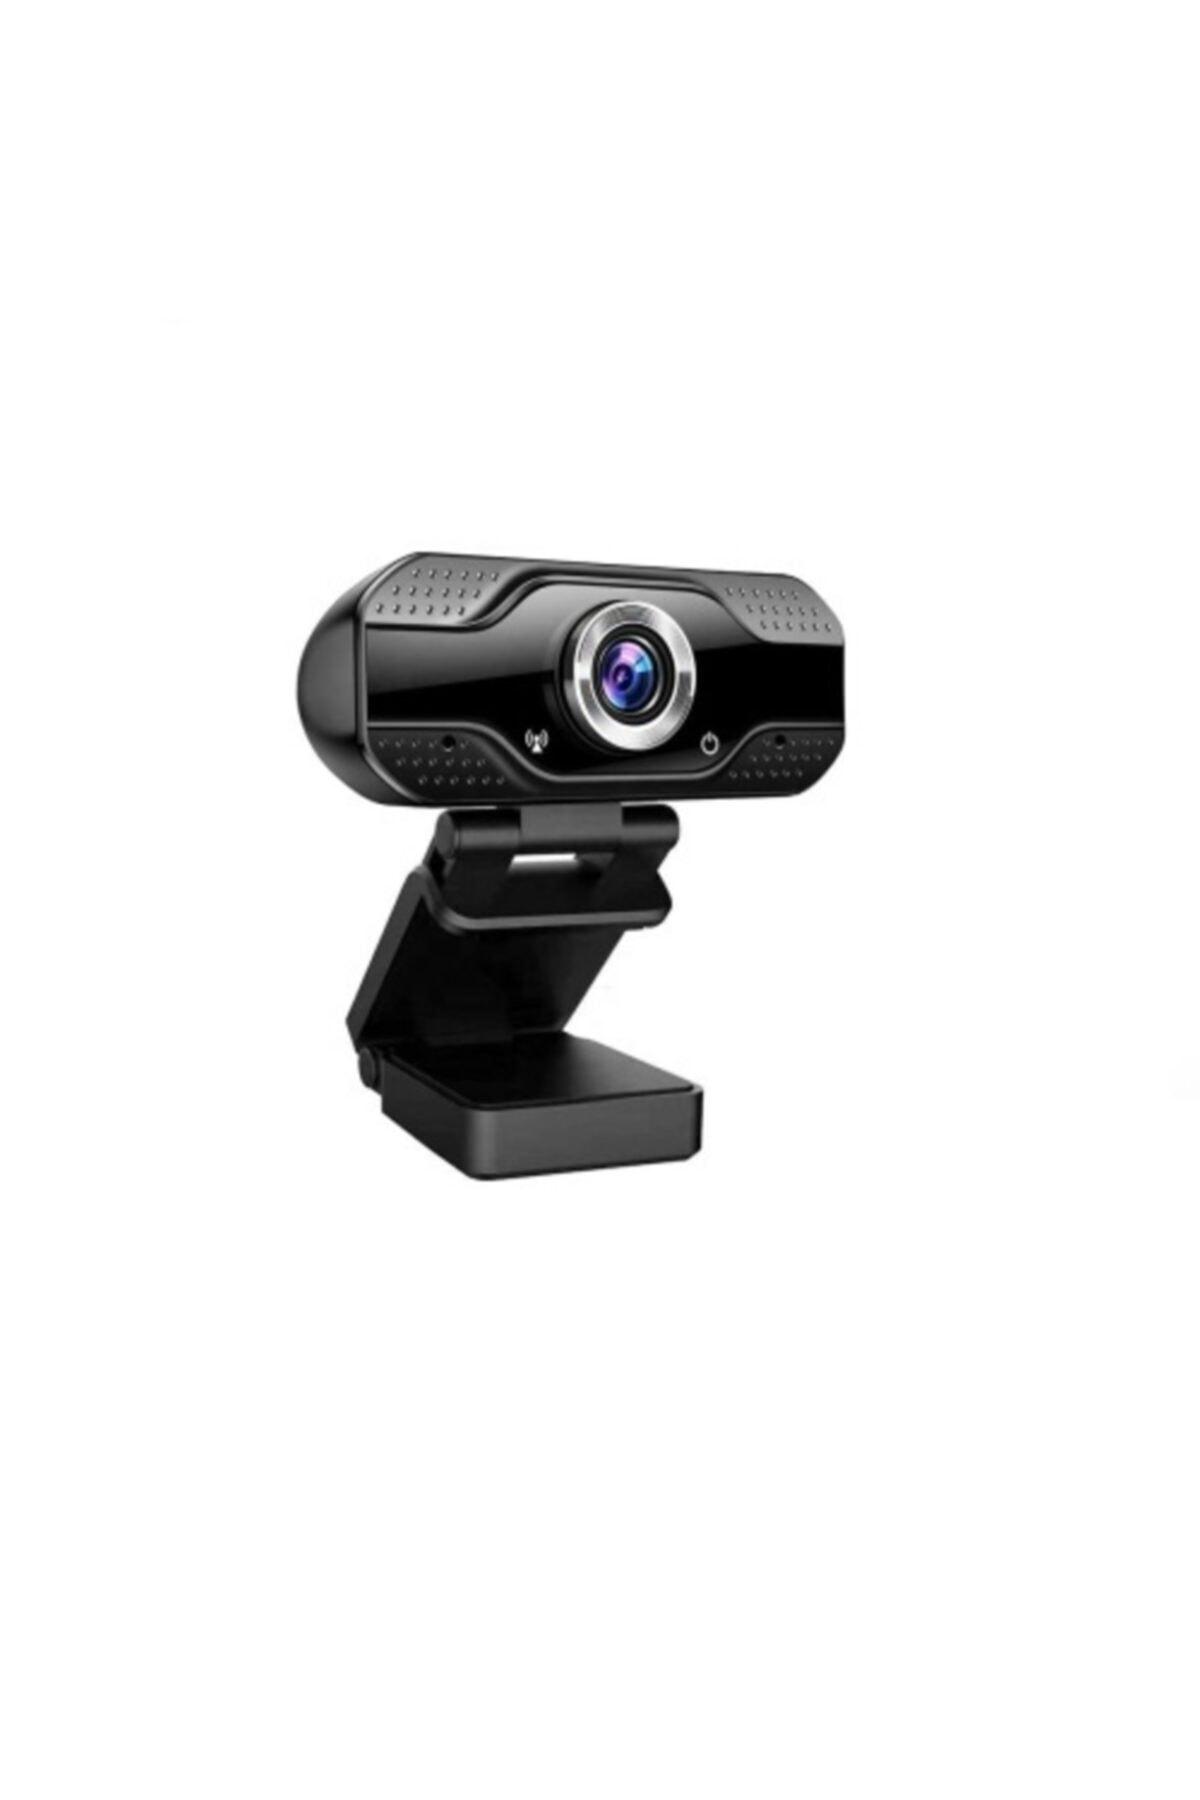 Kingboss Siyah 1080p Usb Webcam Otomatik Odaklama Eba Zoom Pc Web Kamerası 1